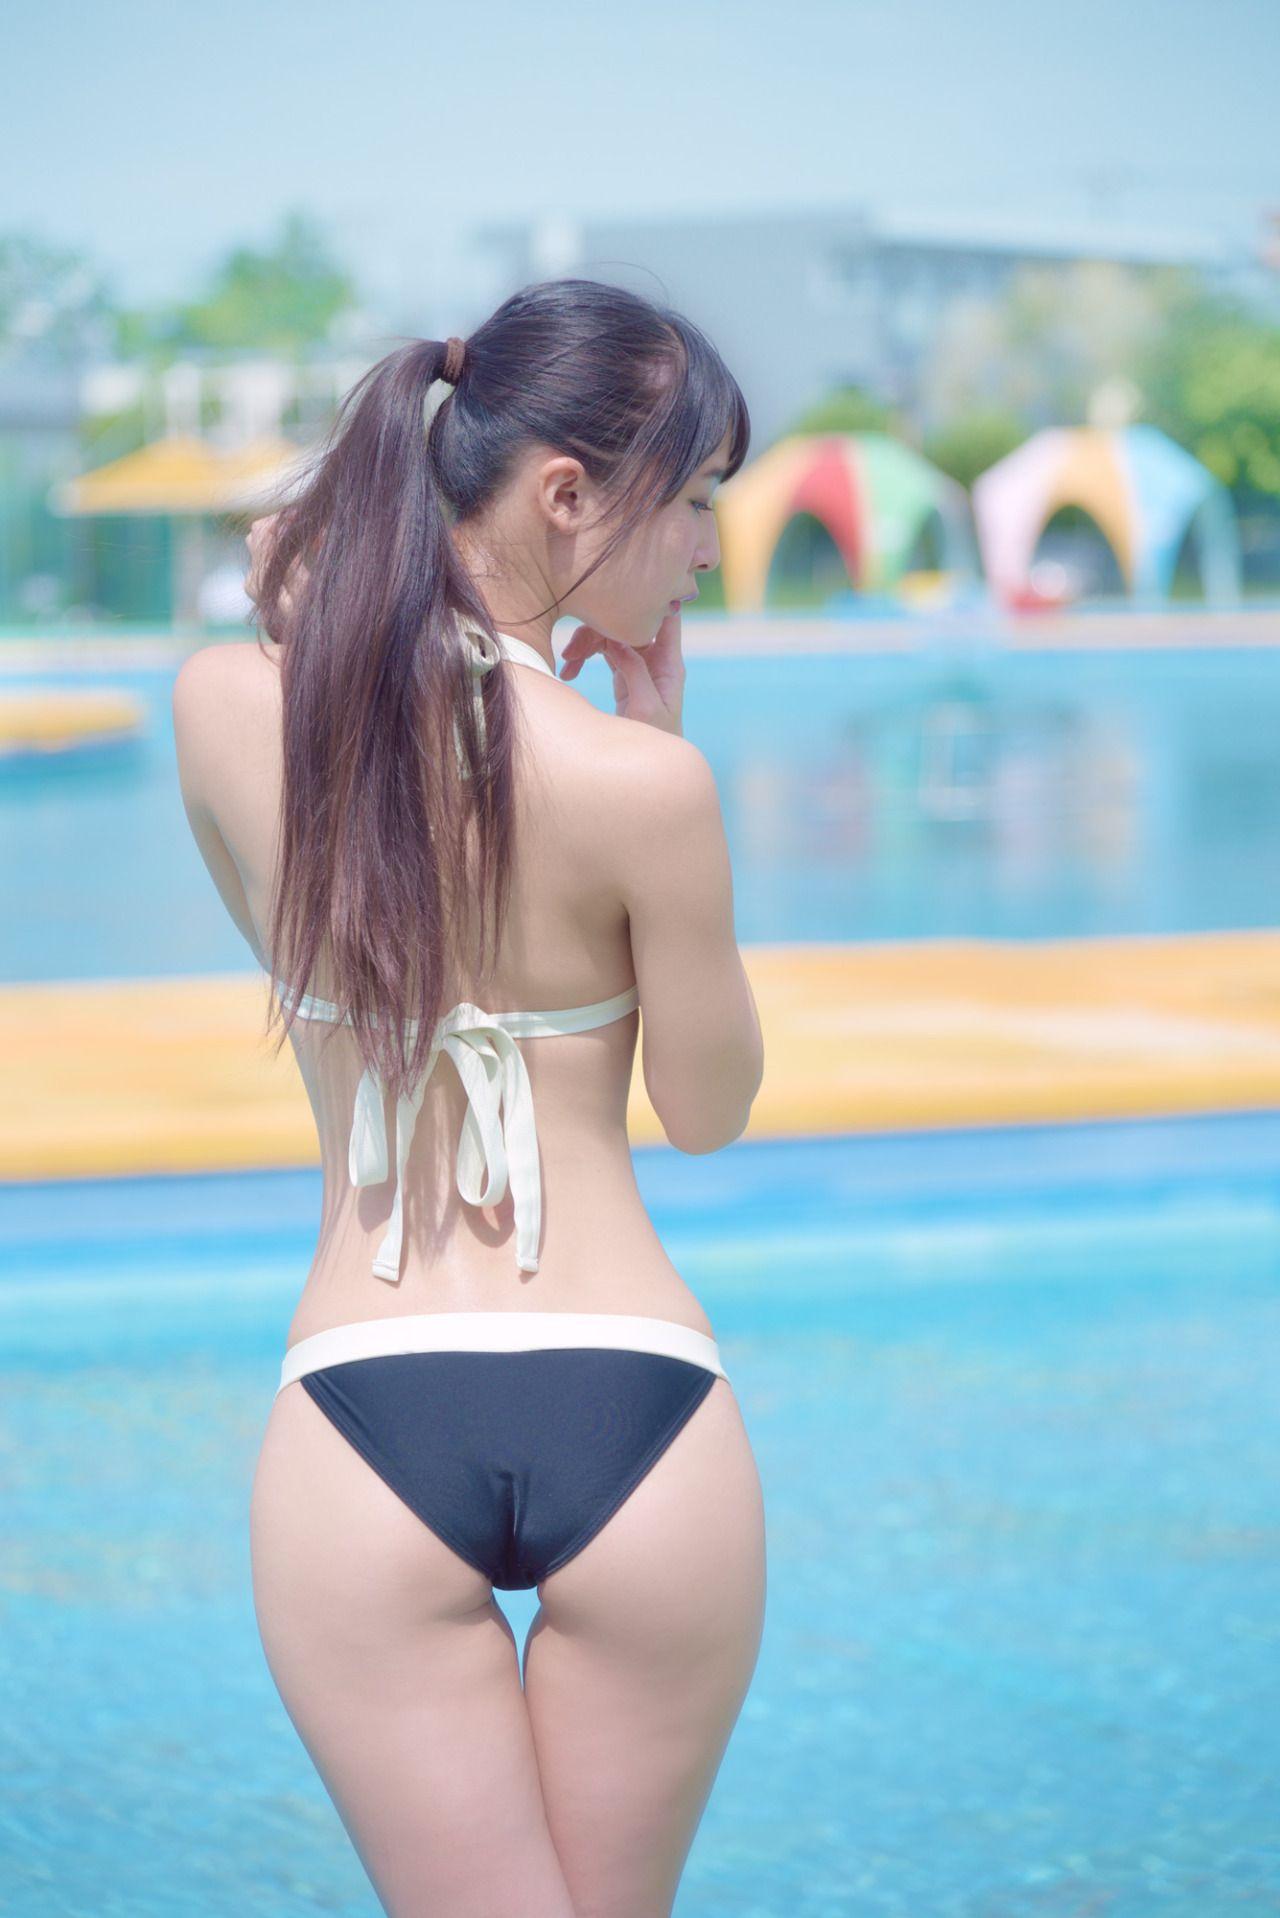 women bridge Asian bikini